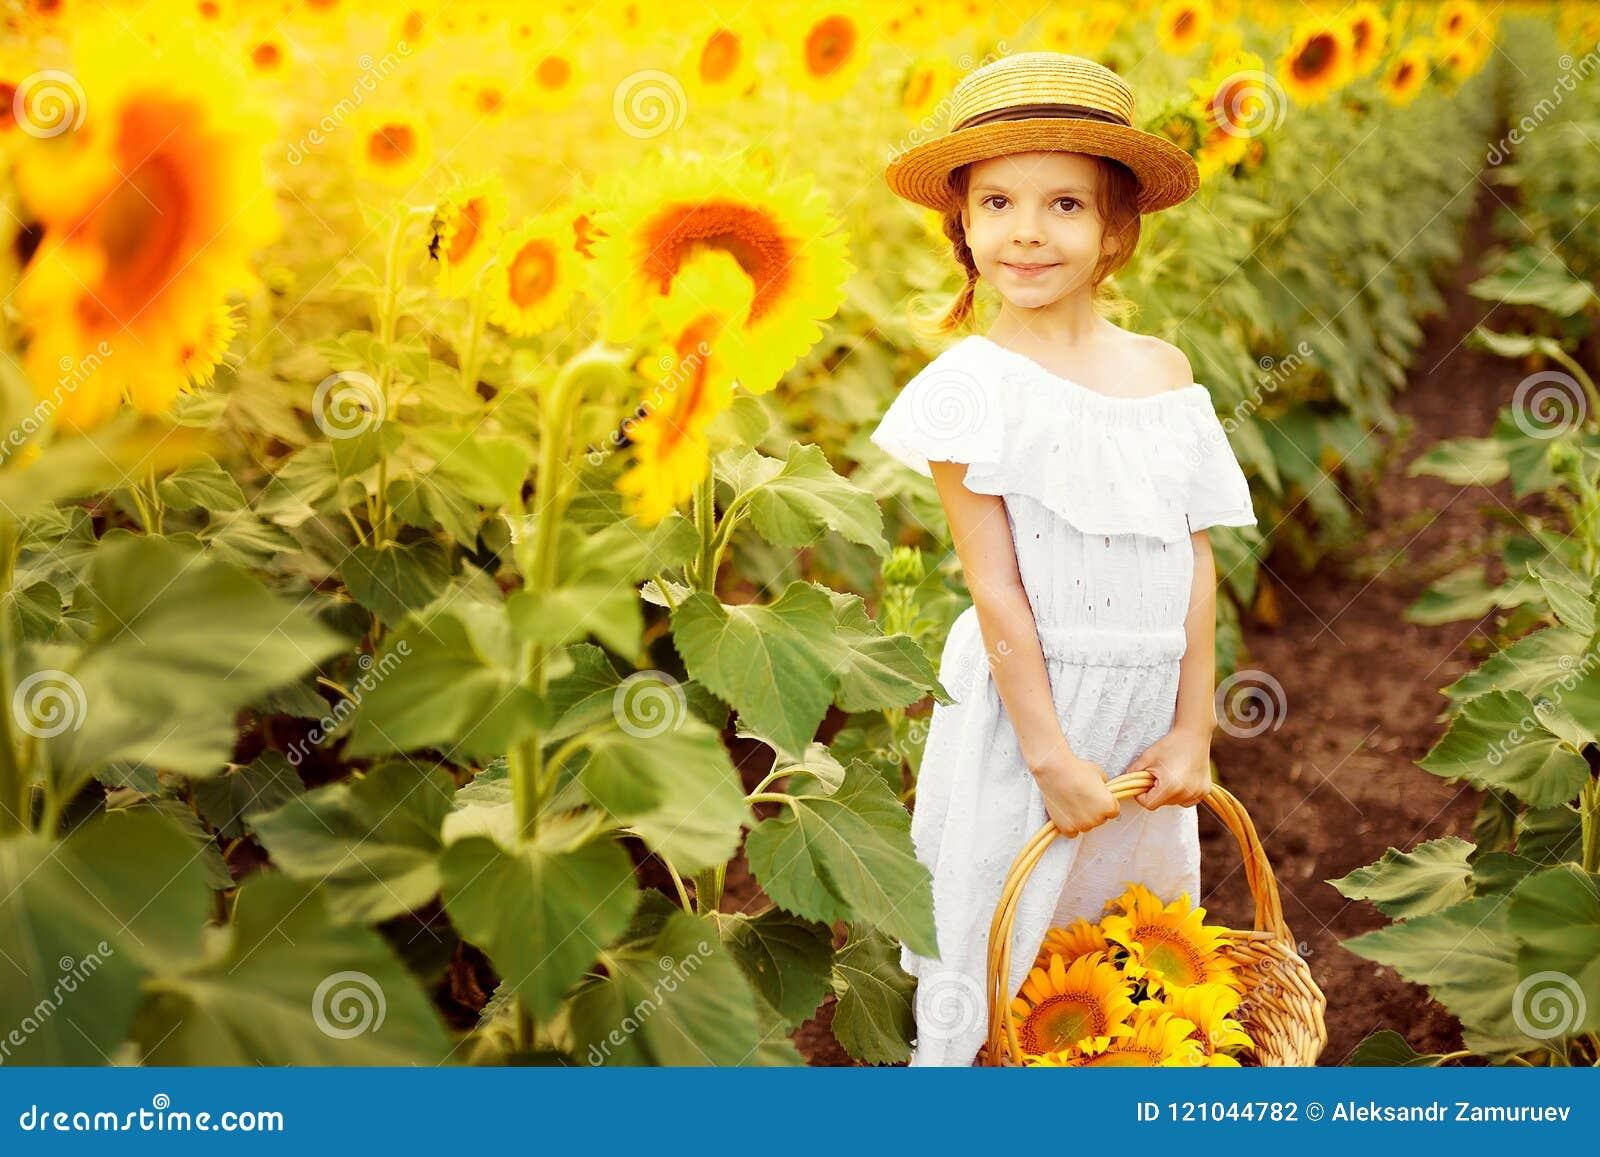 Muchacha feliz del niño del retrato en el vestido blanco, sombrero de paja  con una cesta de girasoles sonriendo y mirando la cámara Onfield que juega  ligero ...